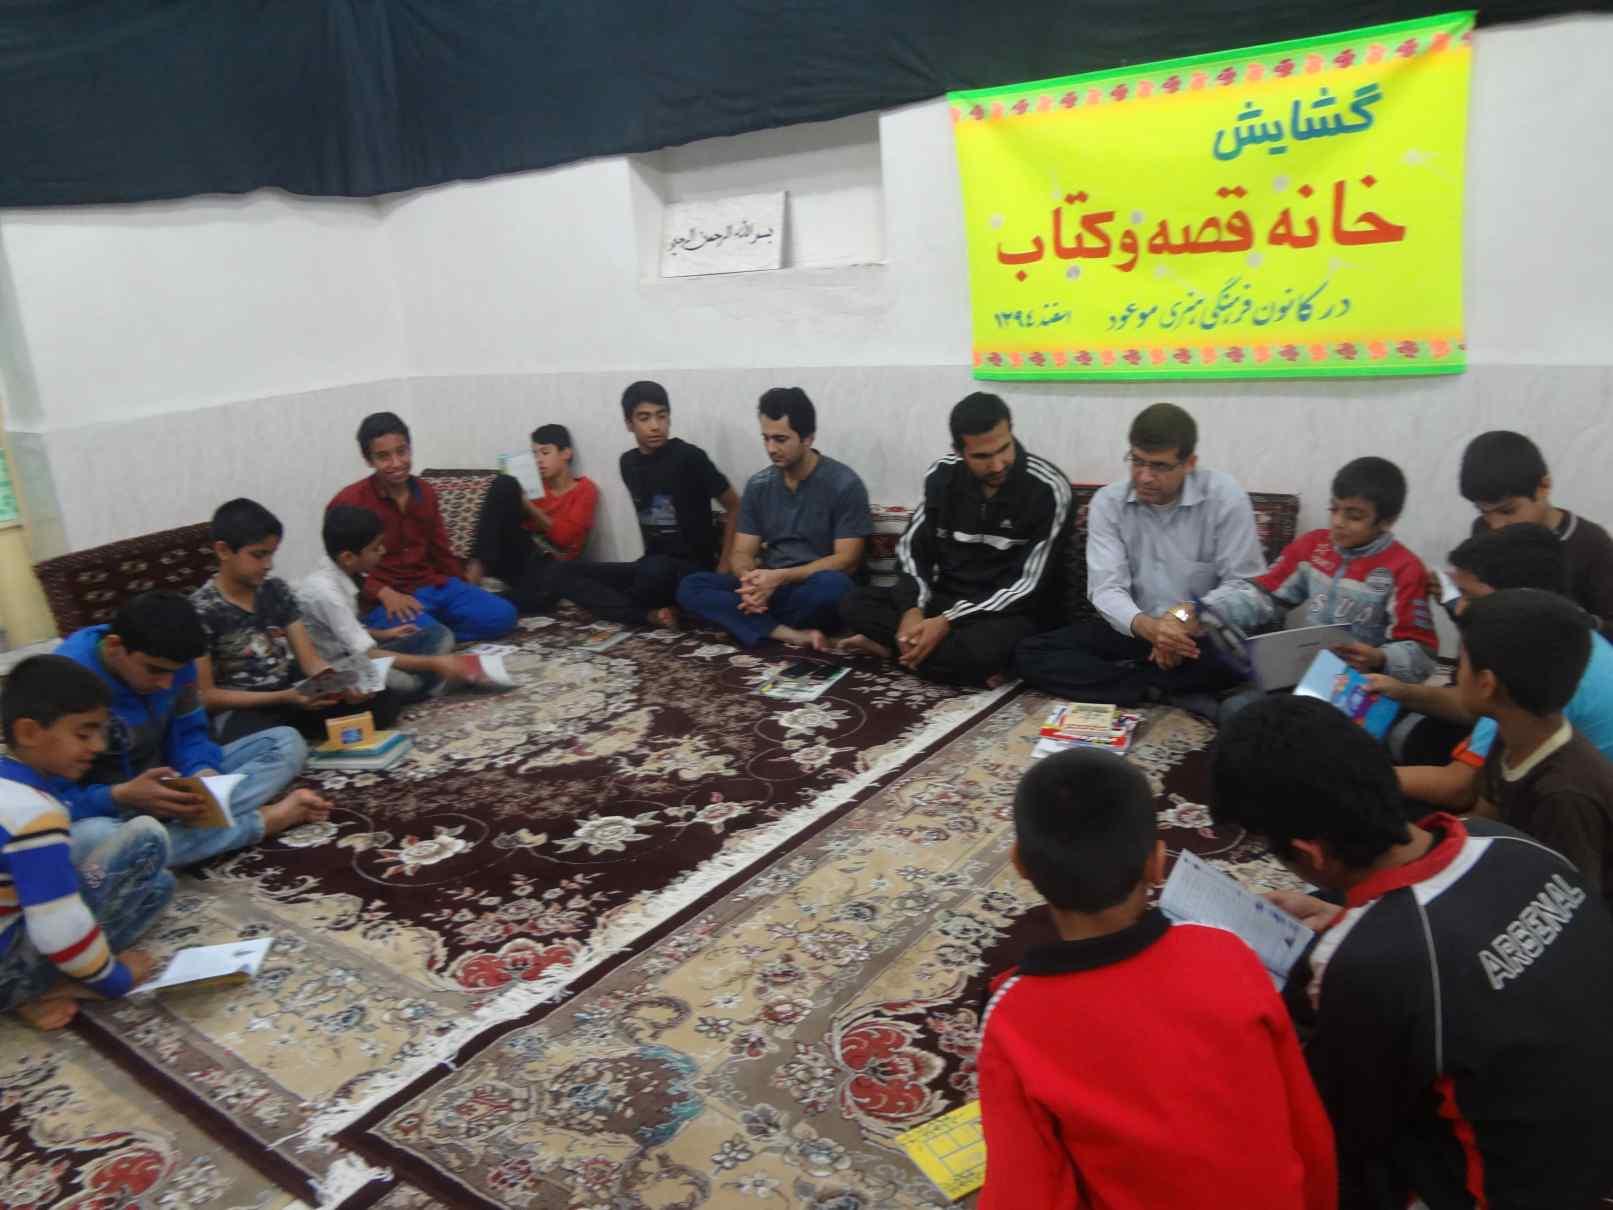 گشایش خانه قصه و کتاب در کانون فرهنگی هنری موعود (3)